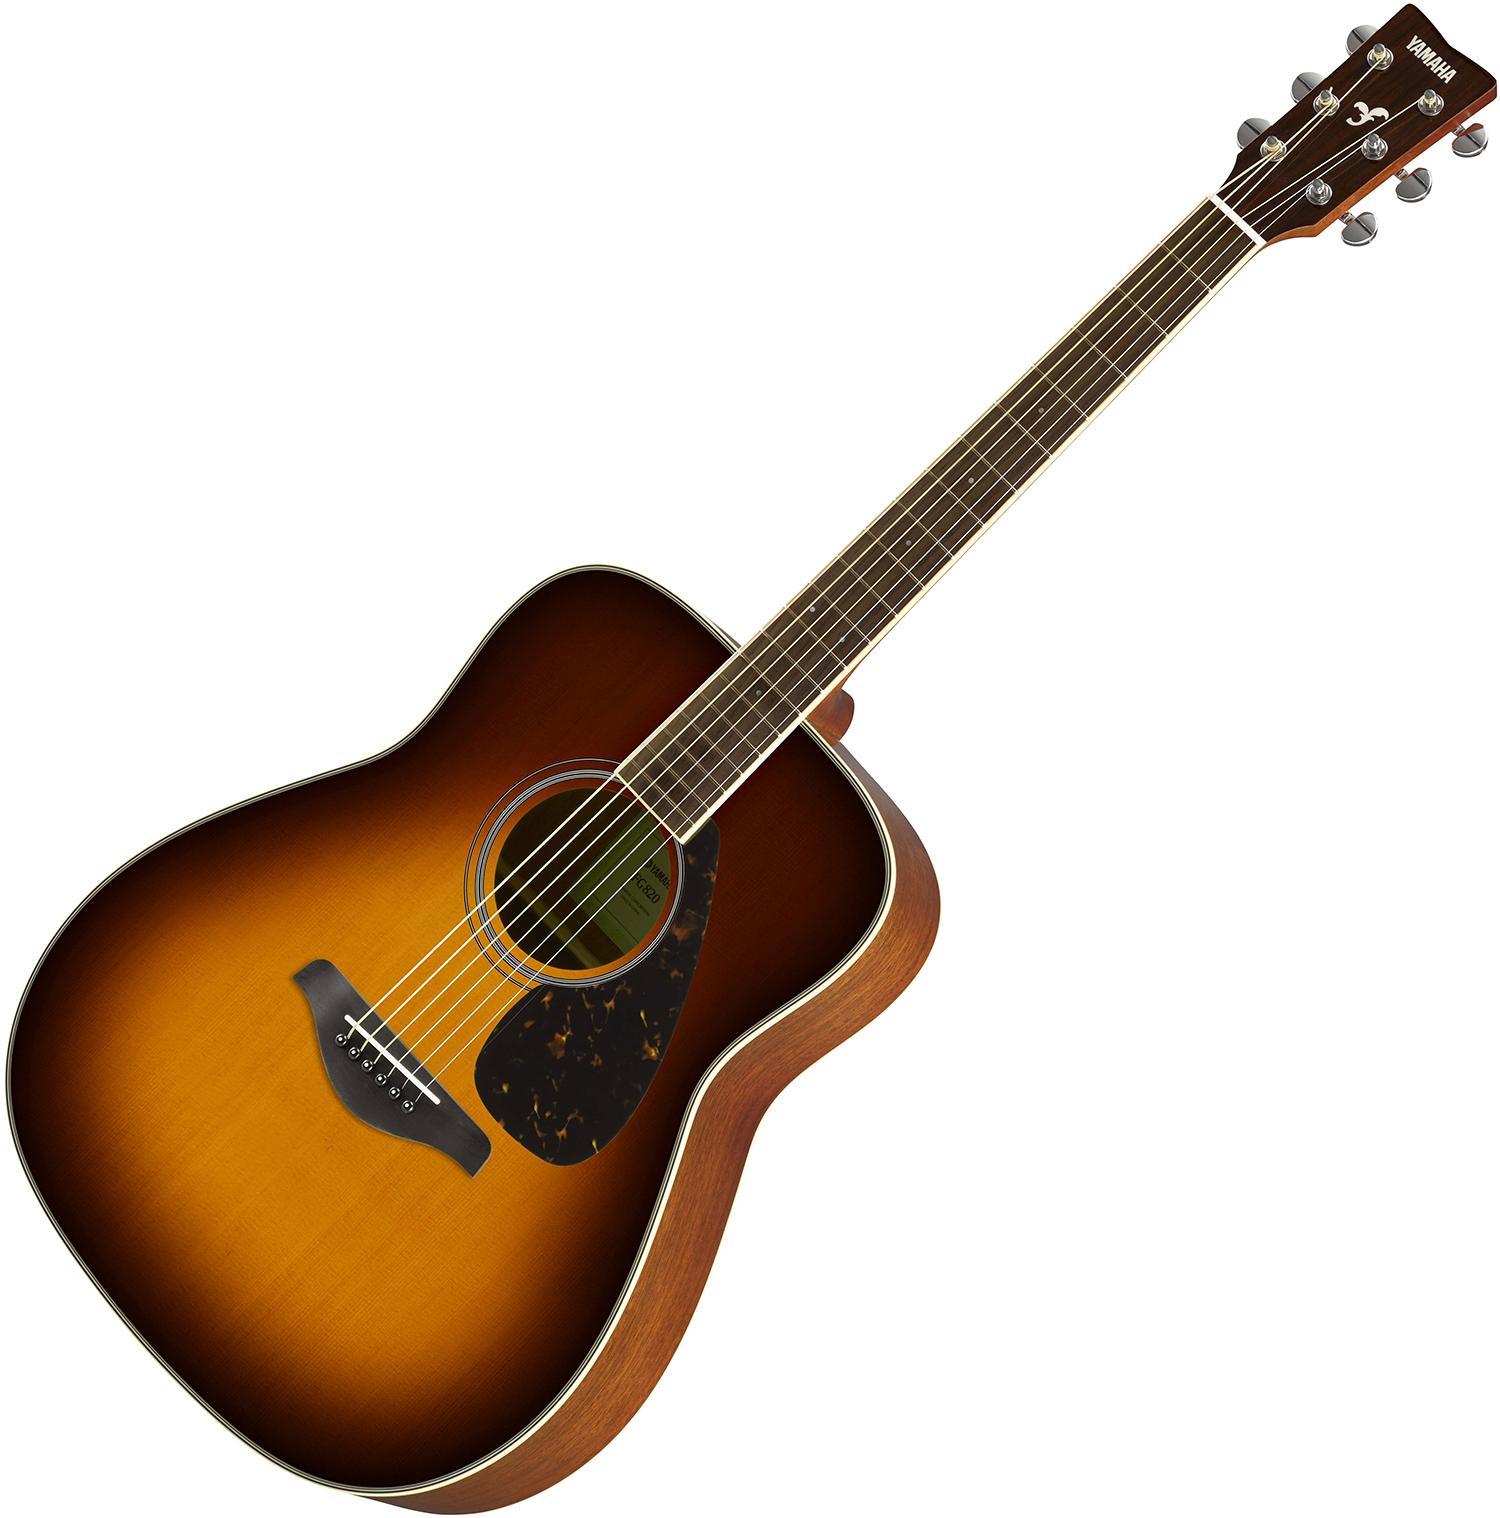 Yamaha FG820 Brown Sunburst akusztikus gitár